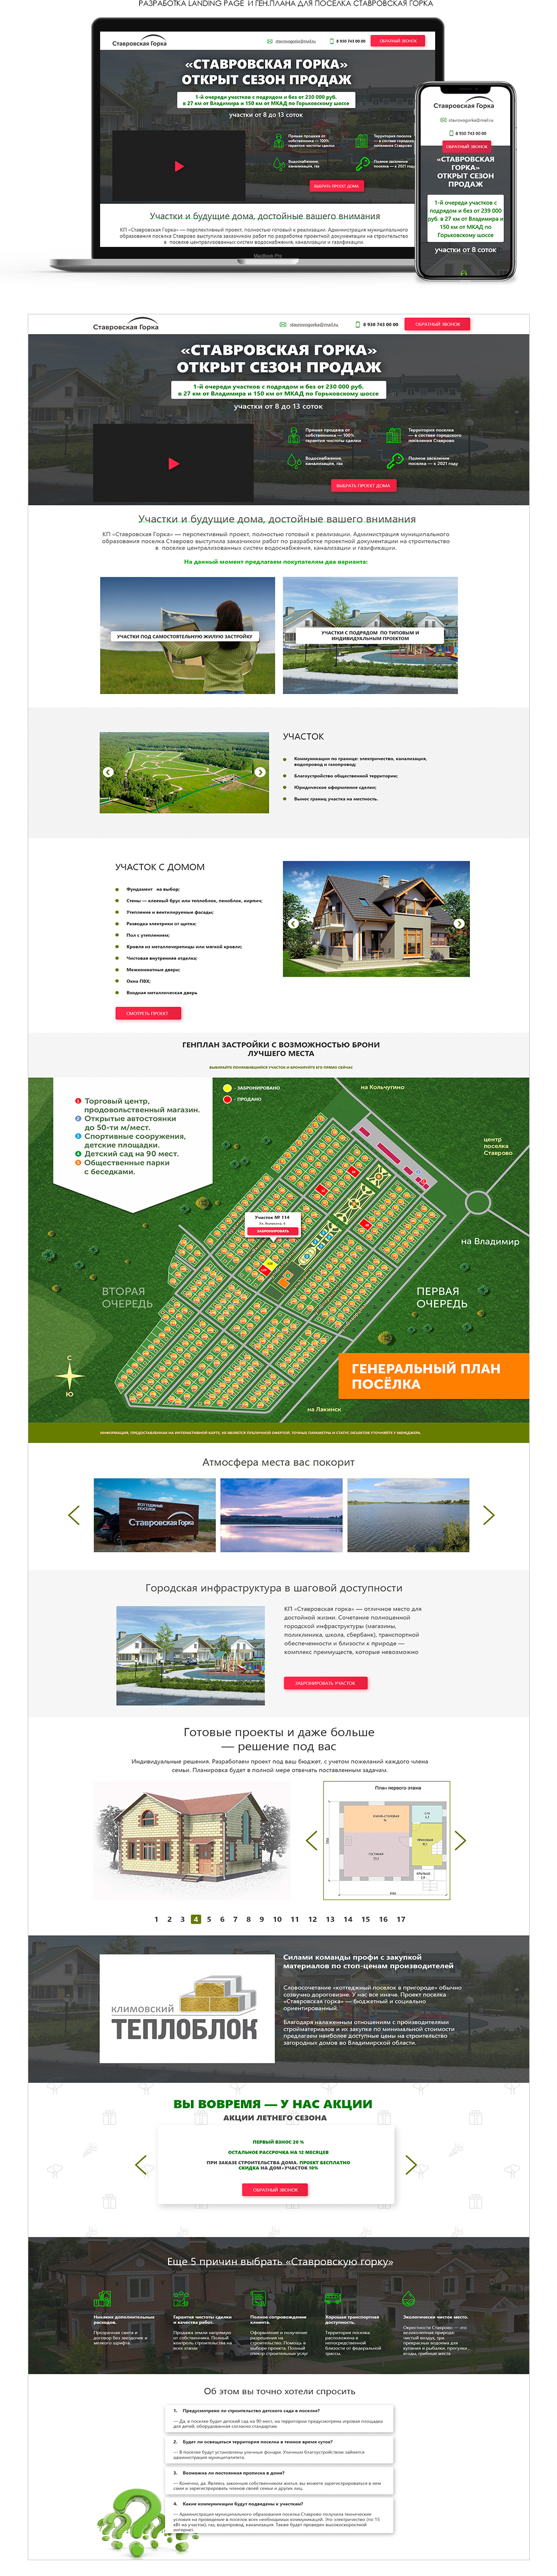 Landing page для поселка с генпланом - Ставровская горка